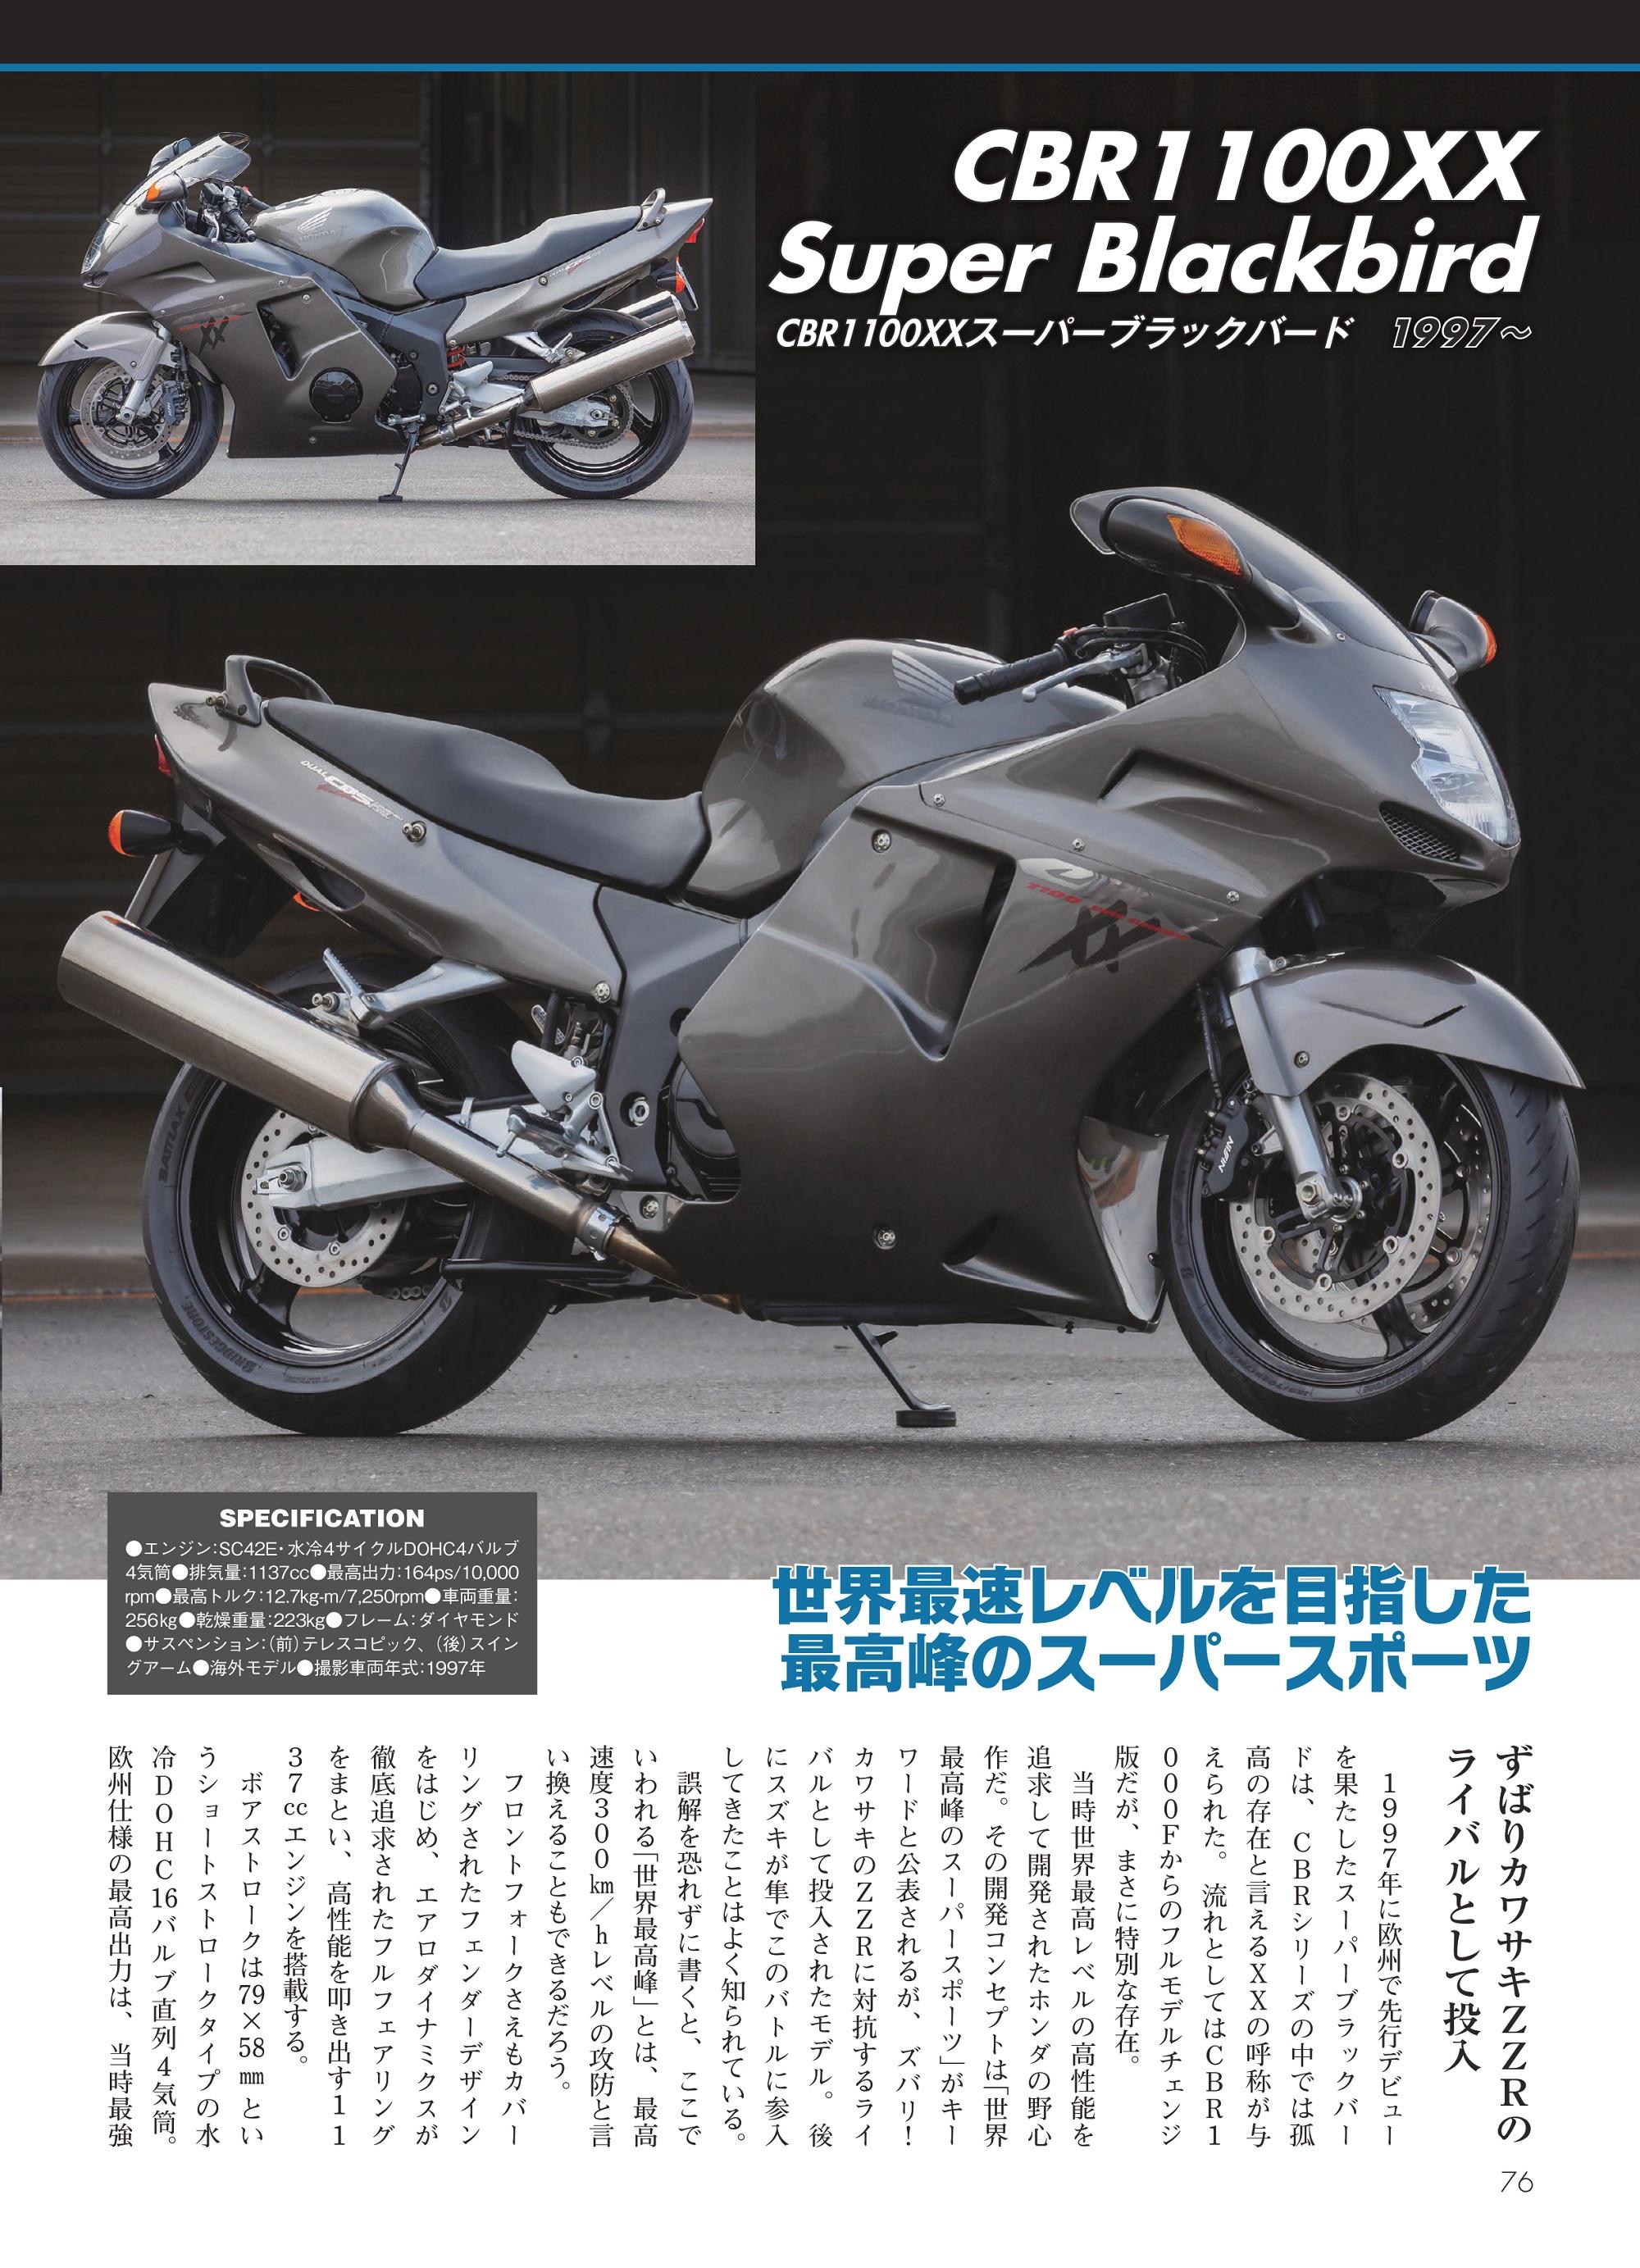 「CBR1100XX Super Blackbird」紙面